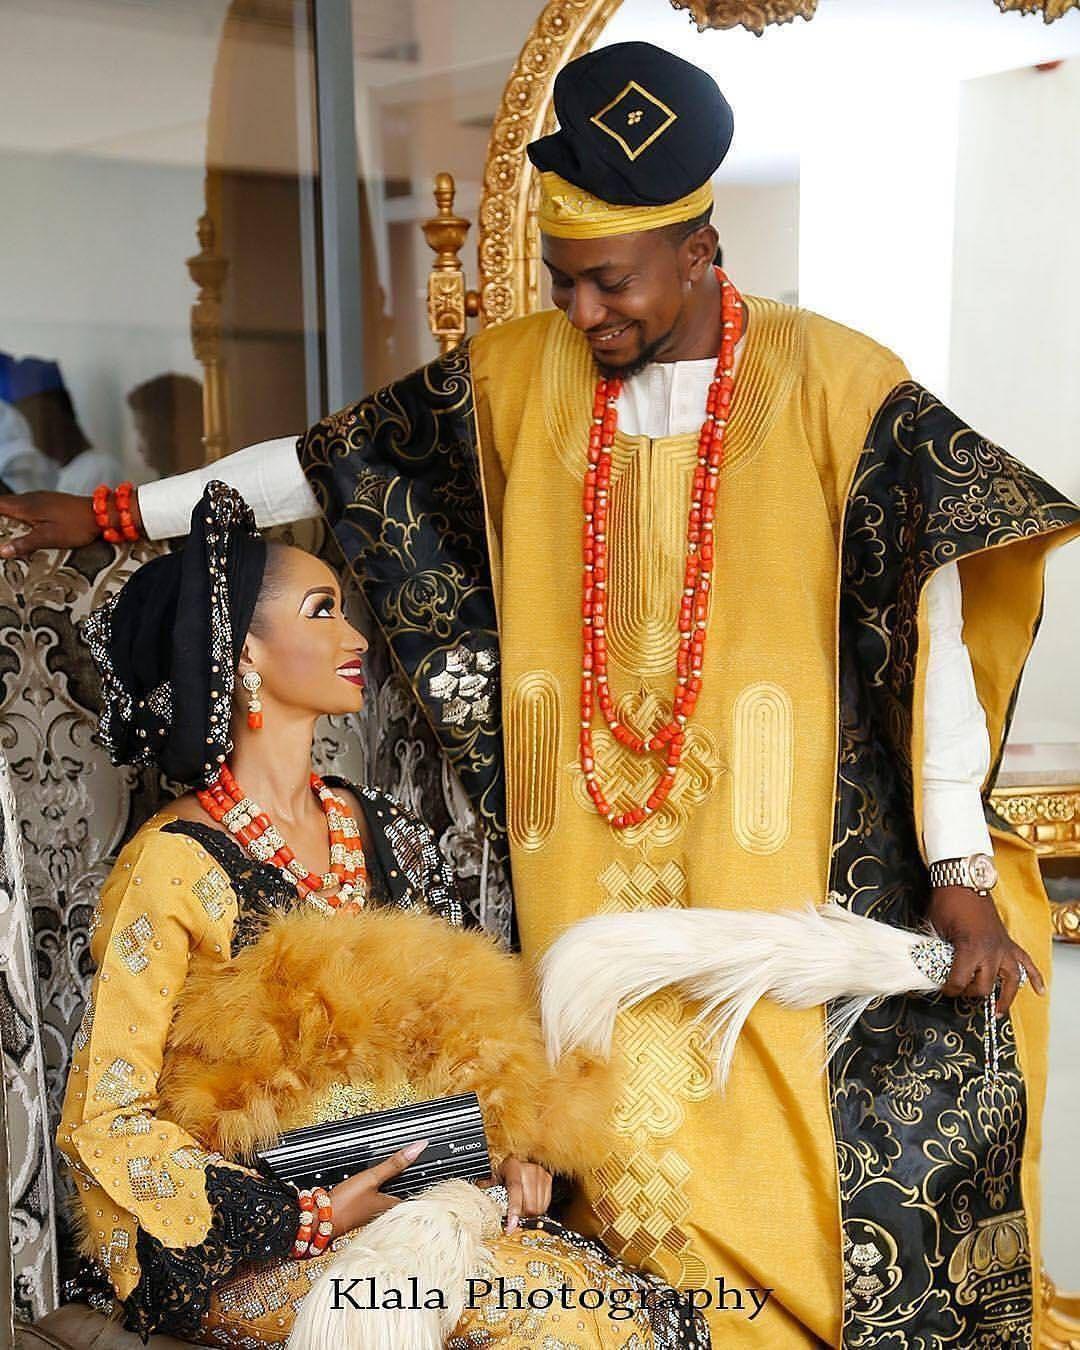 Traditional nigerian wedding dresses  Nigerian wedding  Slay Couples  Pinterest  Nigerian weddings and